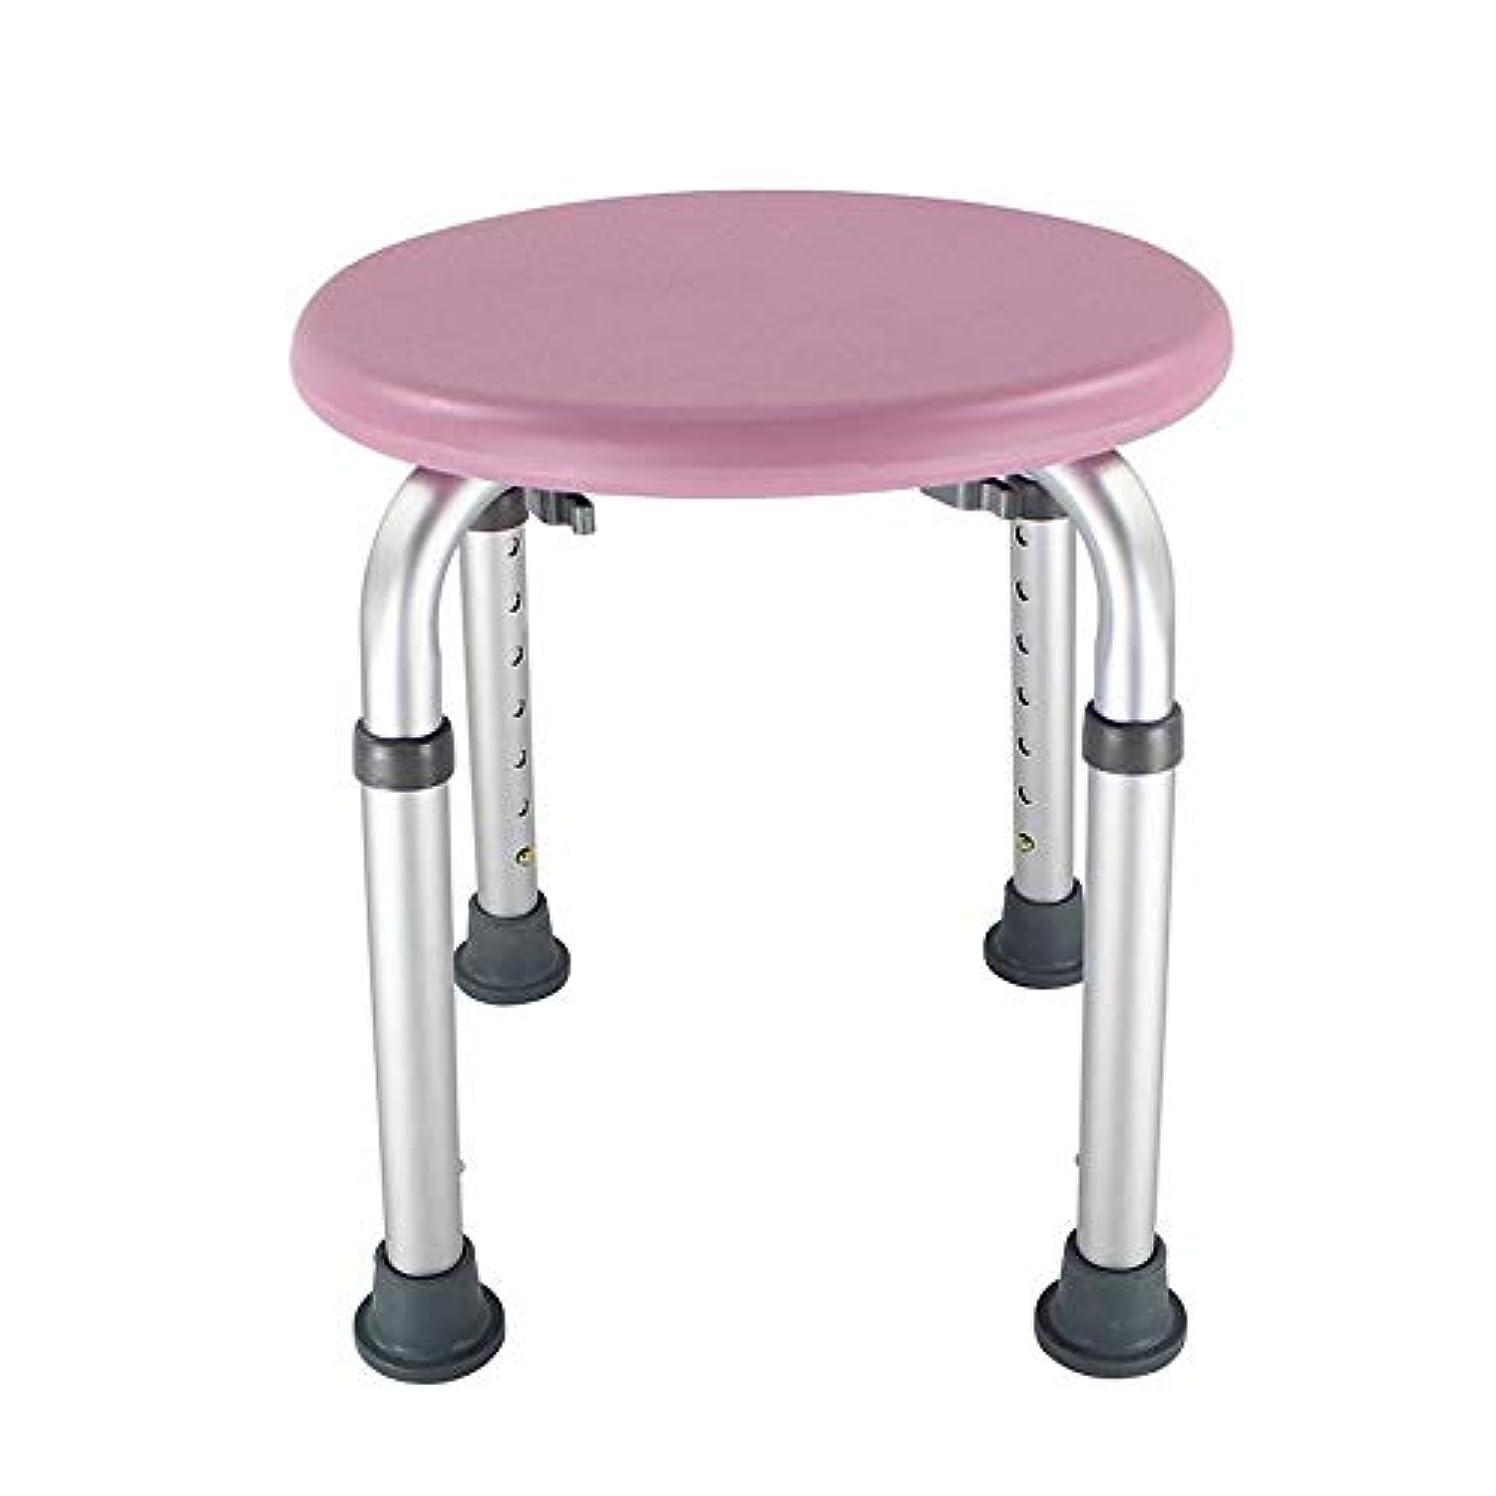 インストラクタートライアスリートオペラ調節可能な高さのラウンドバスシートまたは高齢者用シャワースツール入浴用品